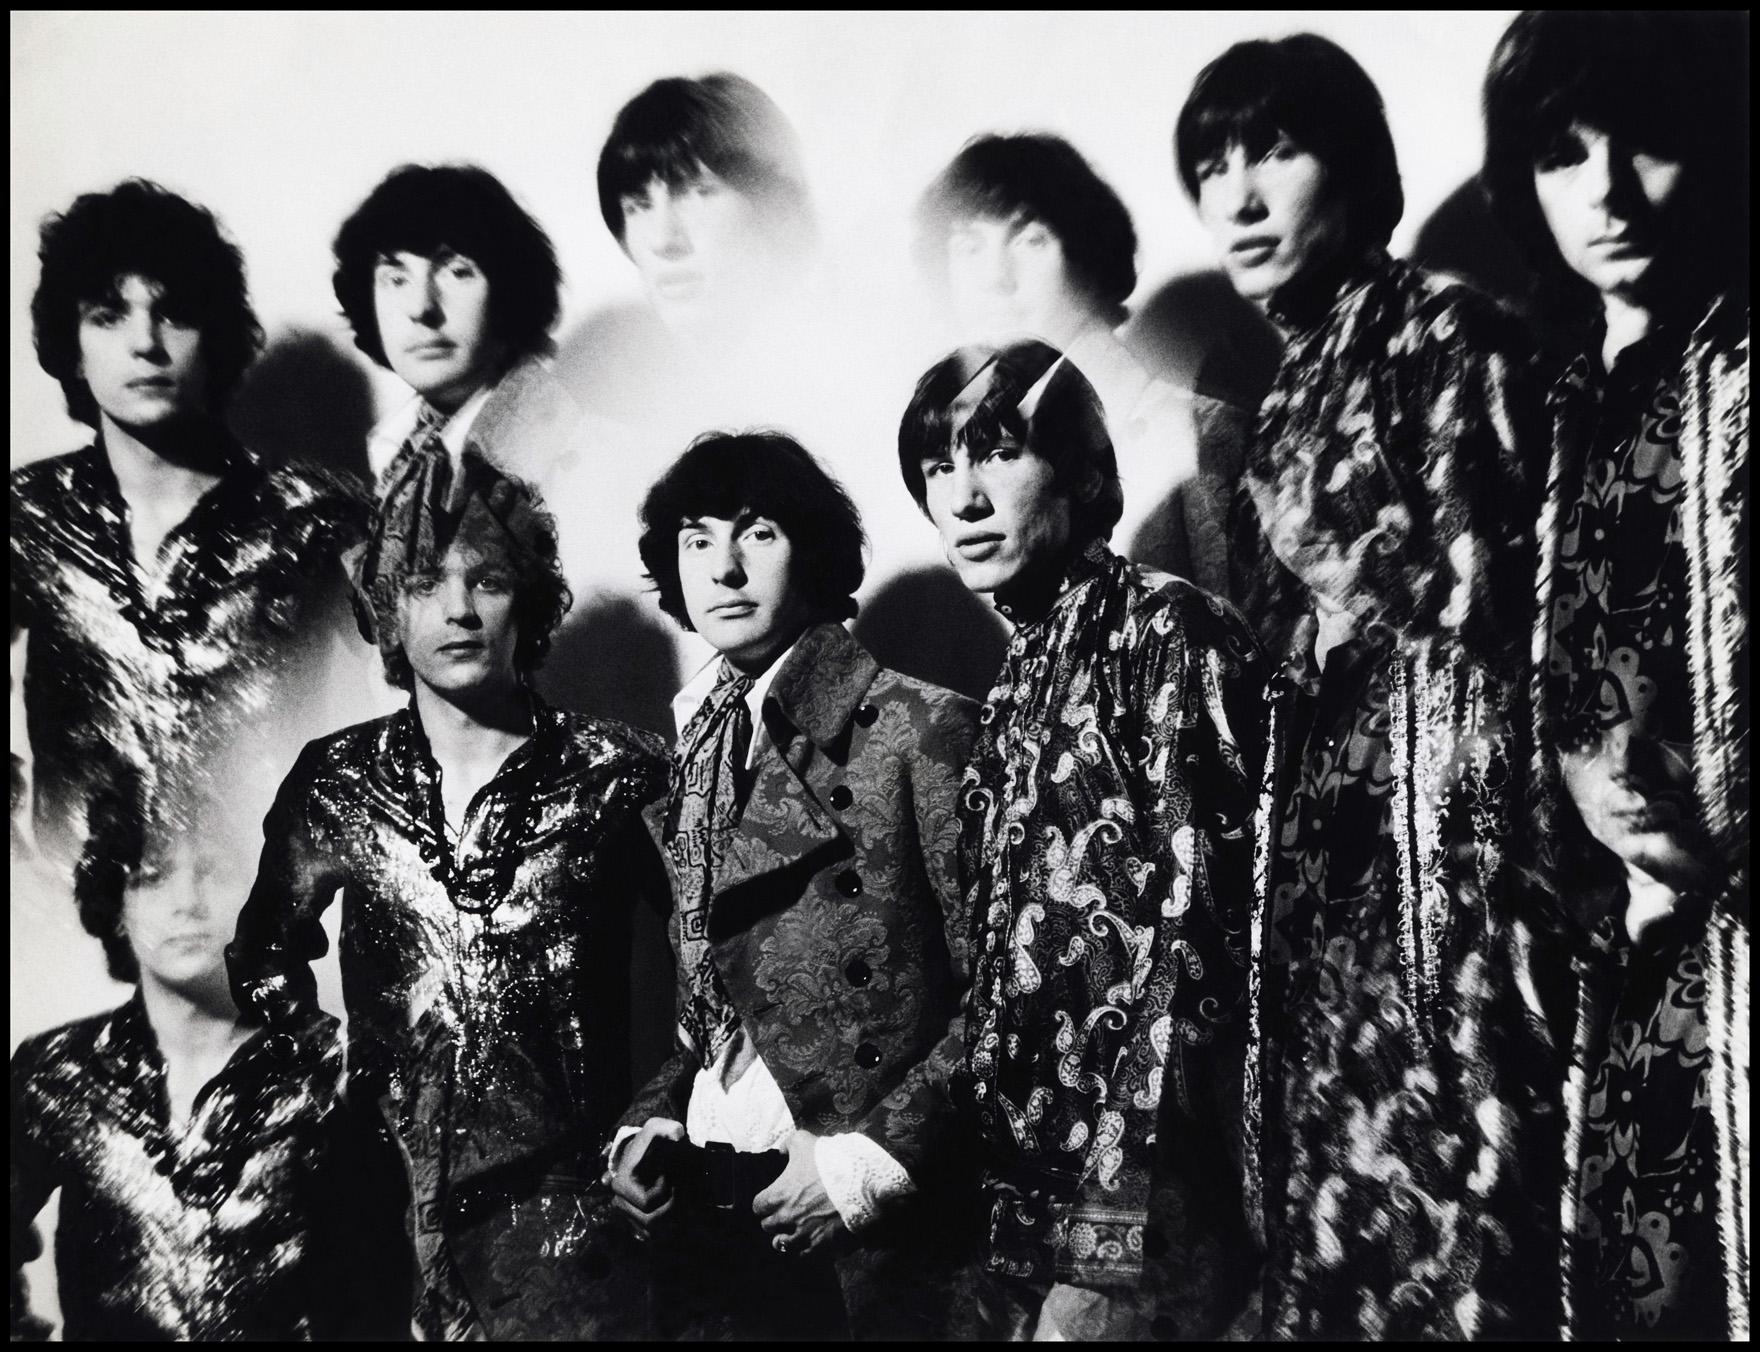 Pink Floyds originaluppsättning med Syd Barrett, som senare ersattes av David Gilmour.